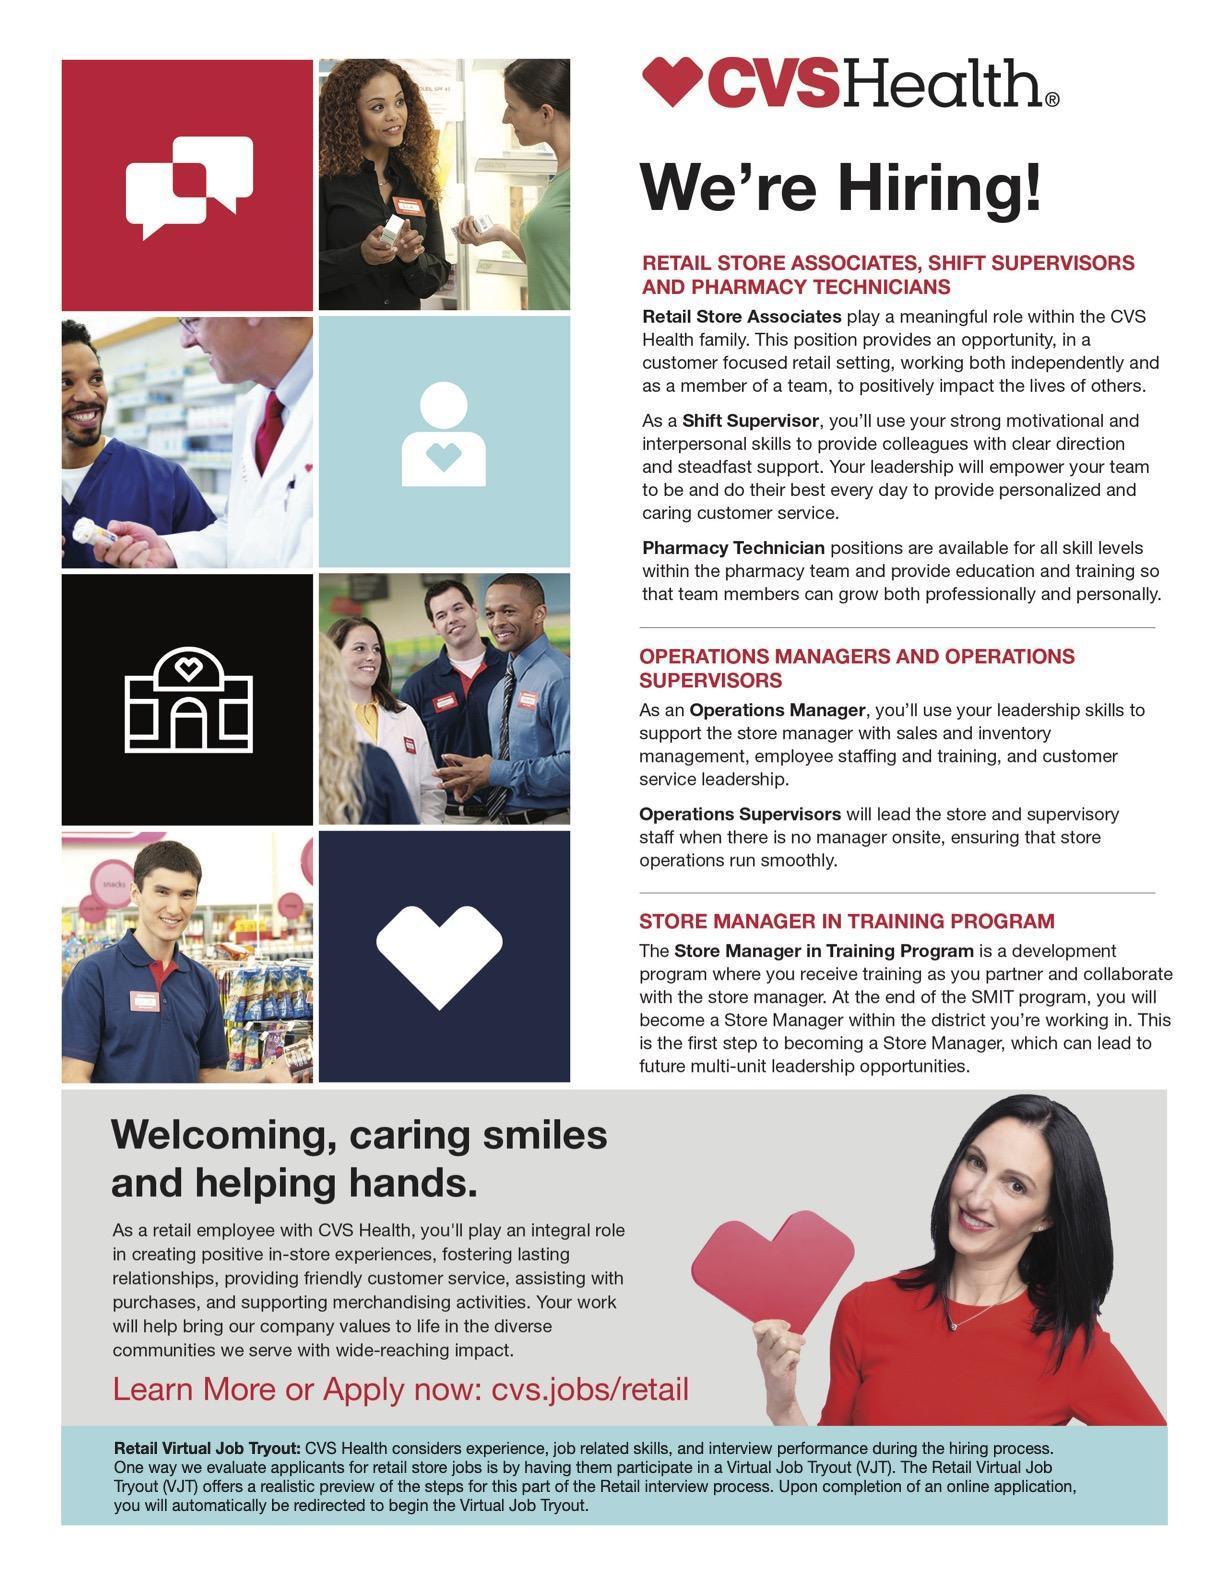 CVS flyer for job opportunity